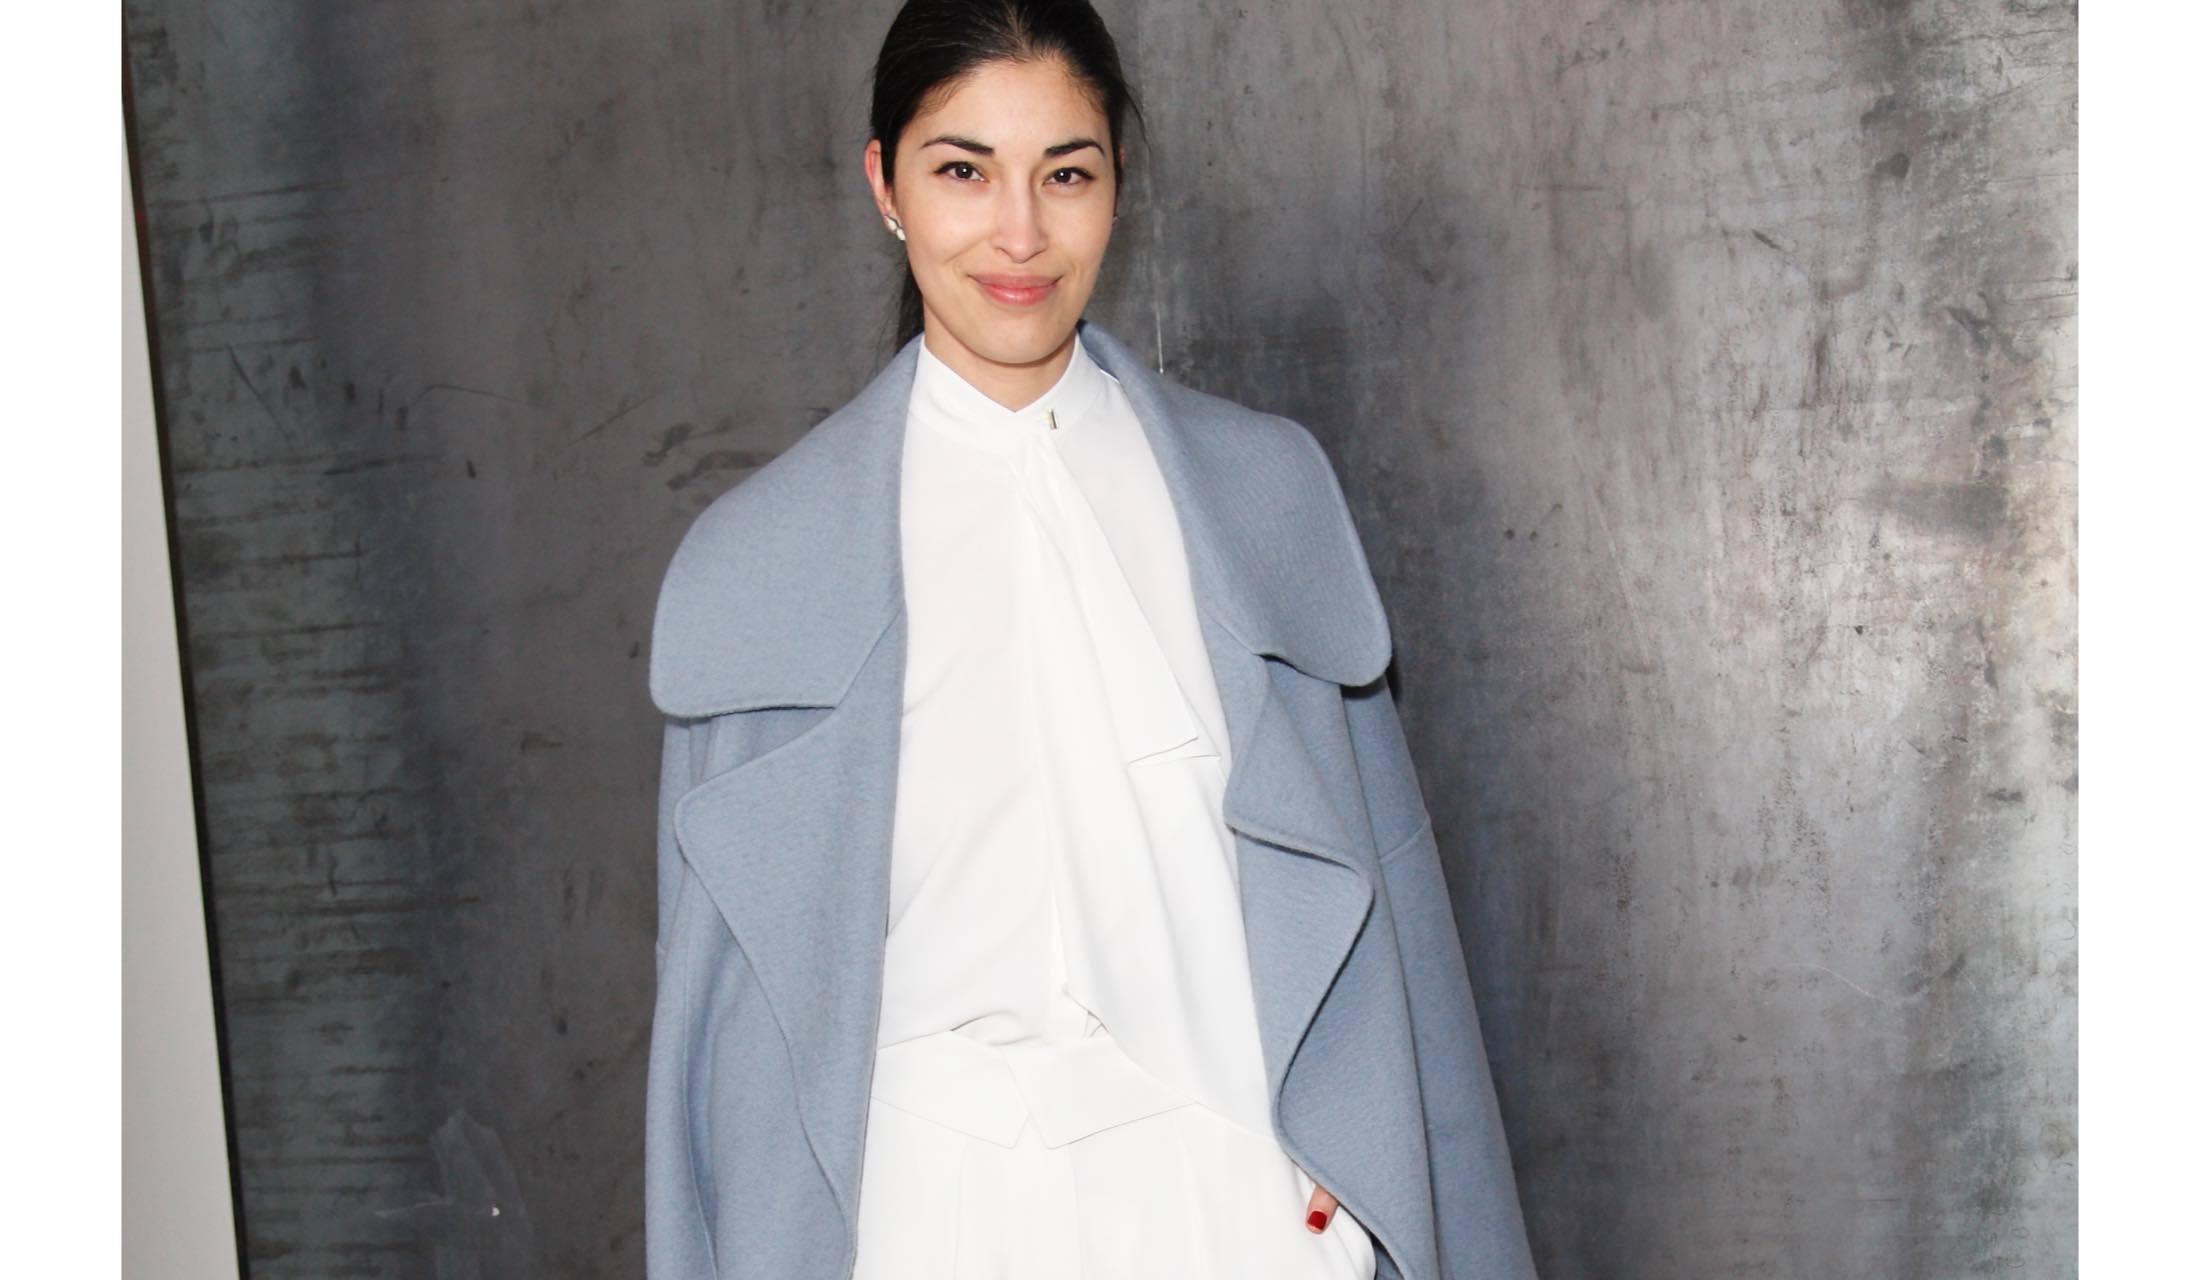 ダスティーブルーのコートを着用した海外マダムのスナップ写真